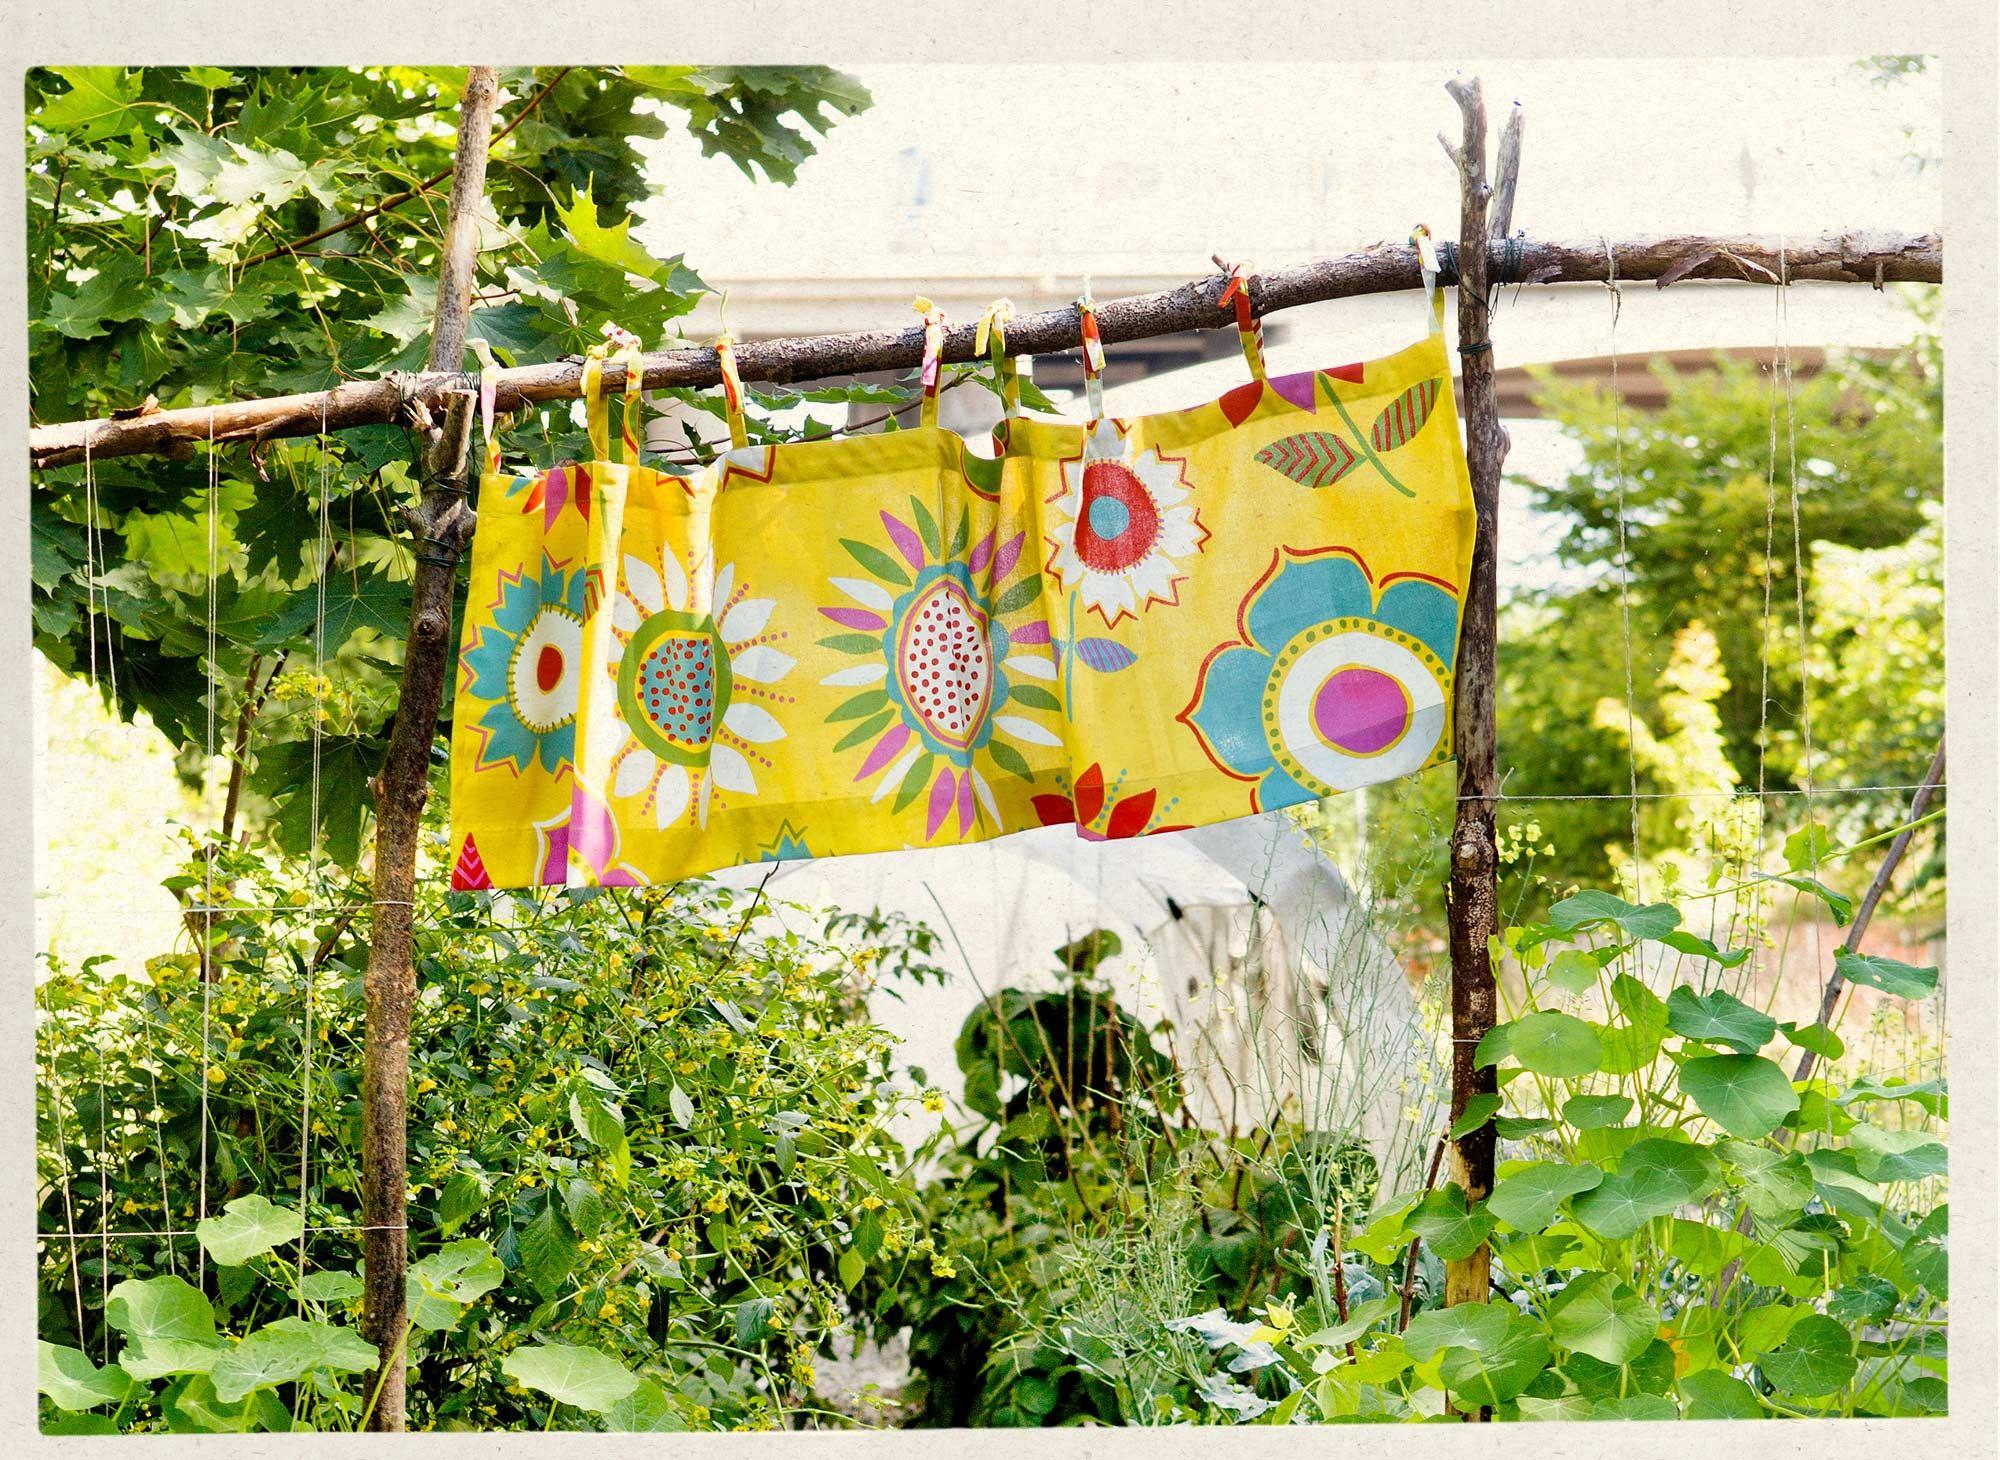 Schwedische Einrichtungsideen schwedische einrichtungsideen deko fürs wohnzimmer gudrun sjödén